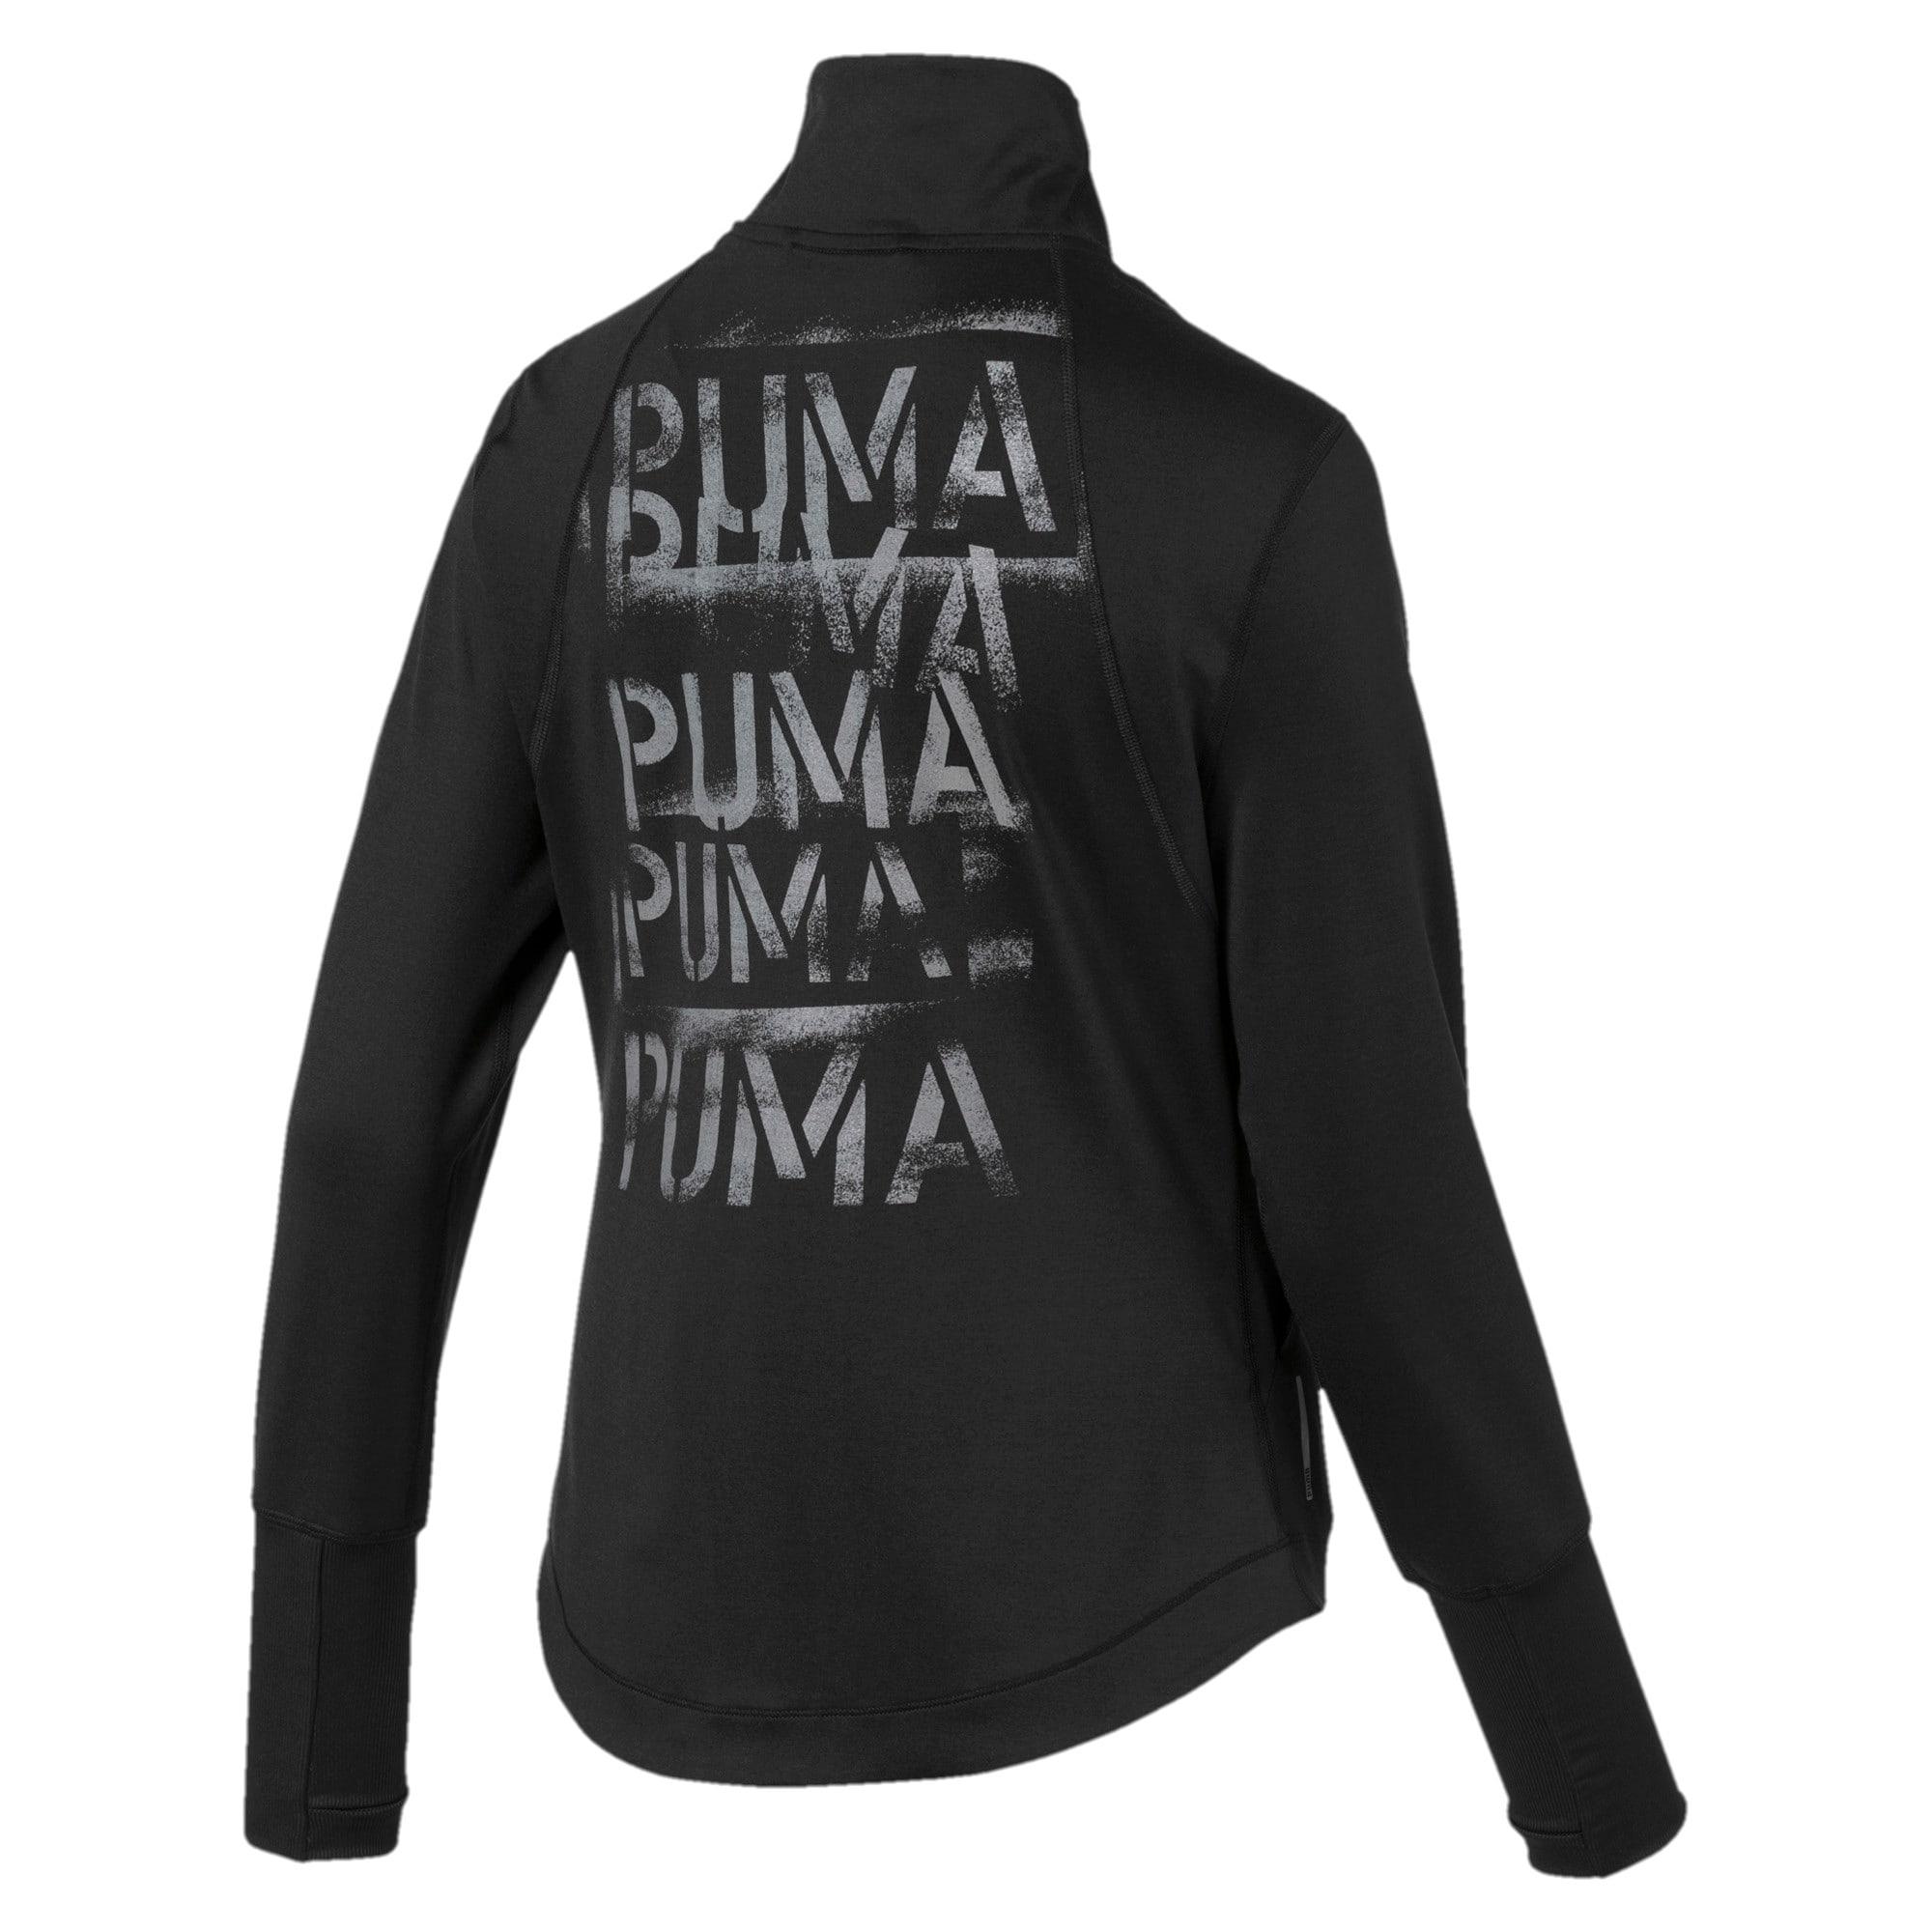 Thumbnail 5 of スタジオ ウィメンズ トレーニング ニット ジャケット, Puma Black, medium-JPN